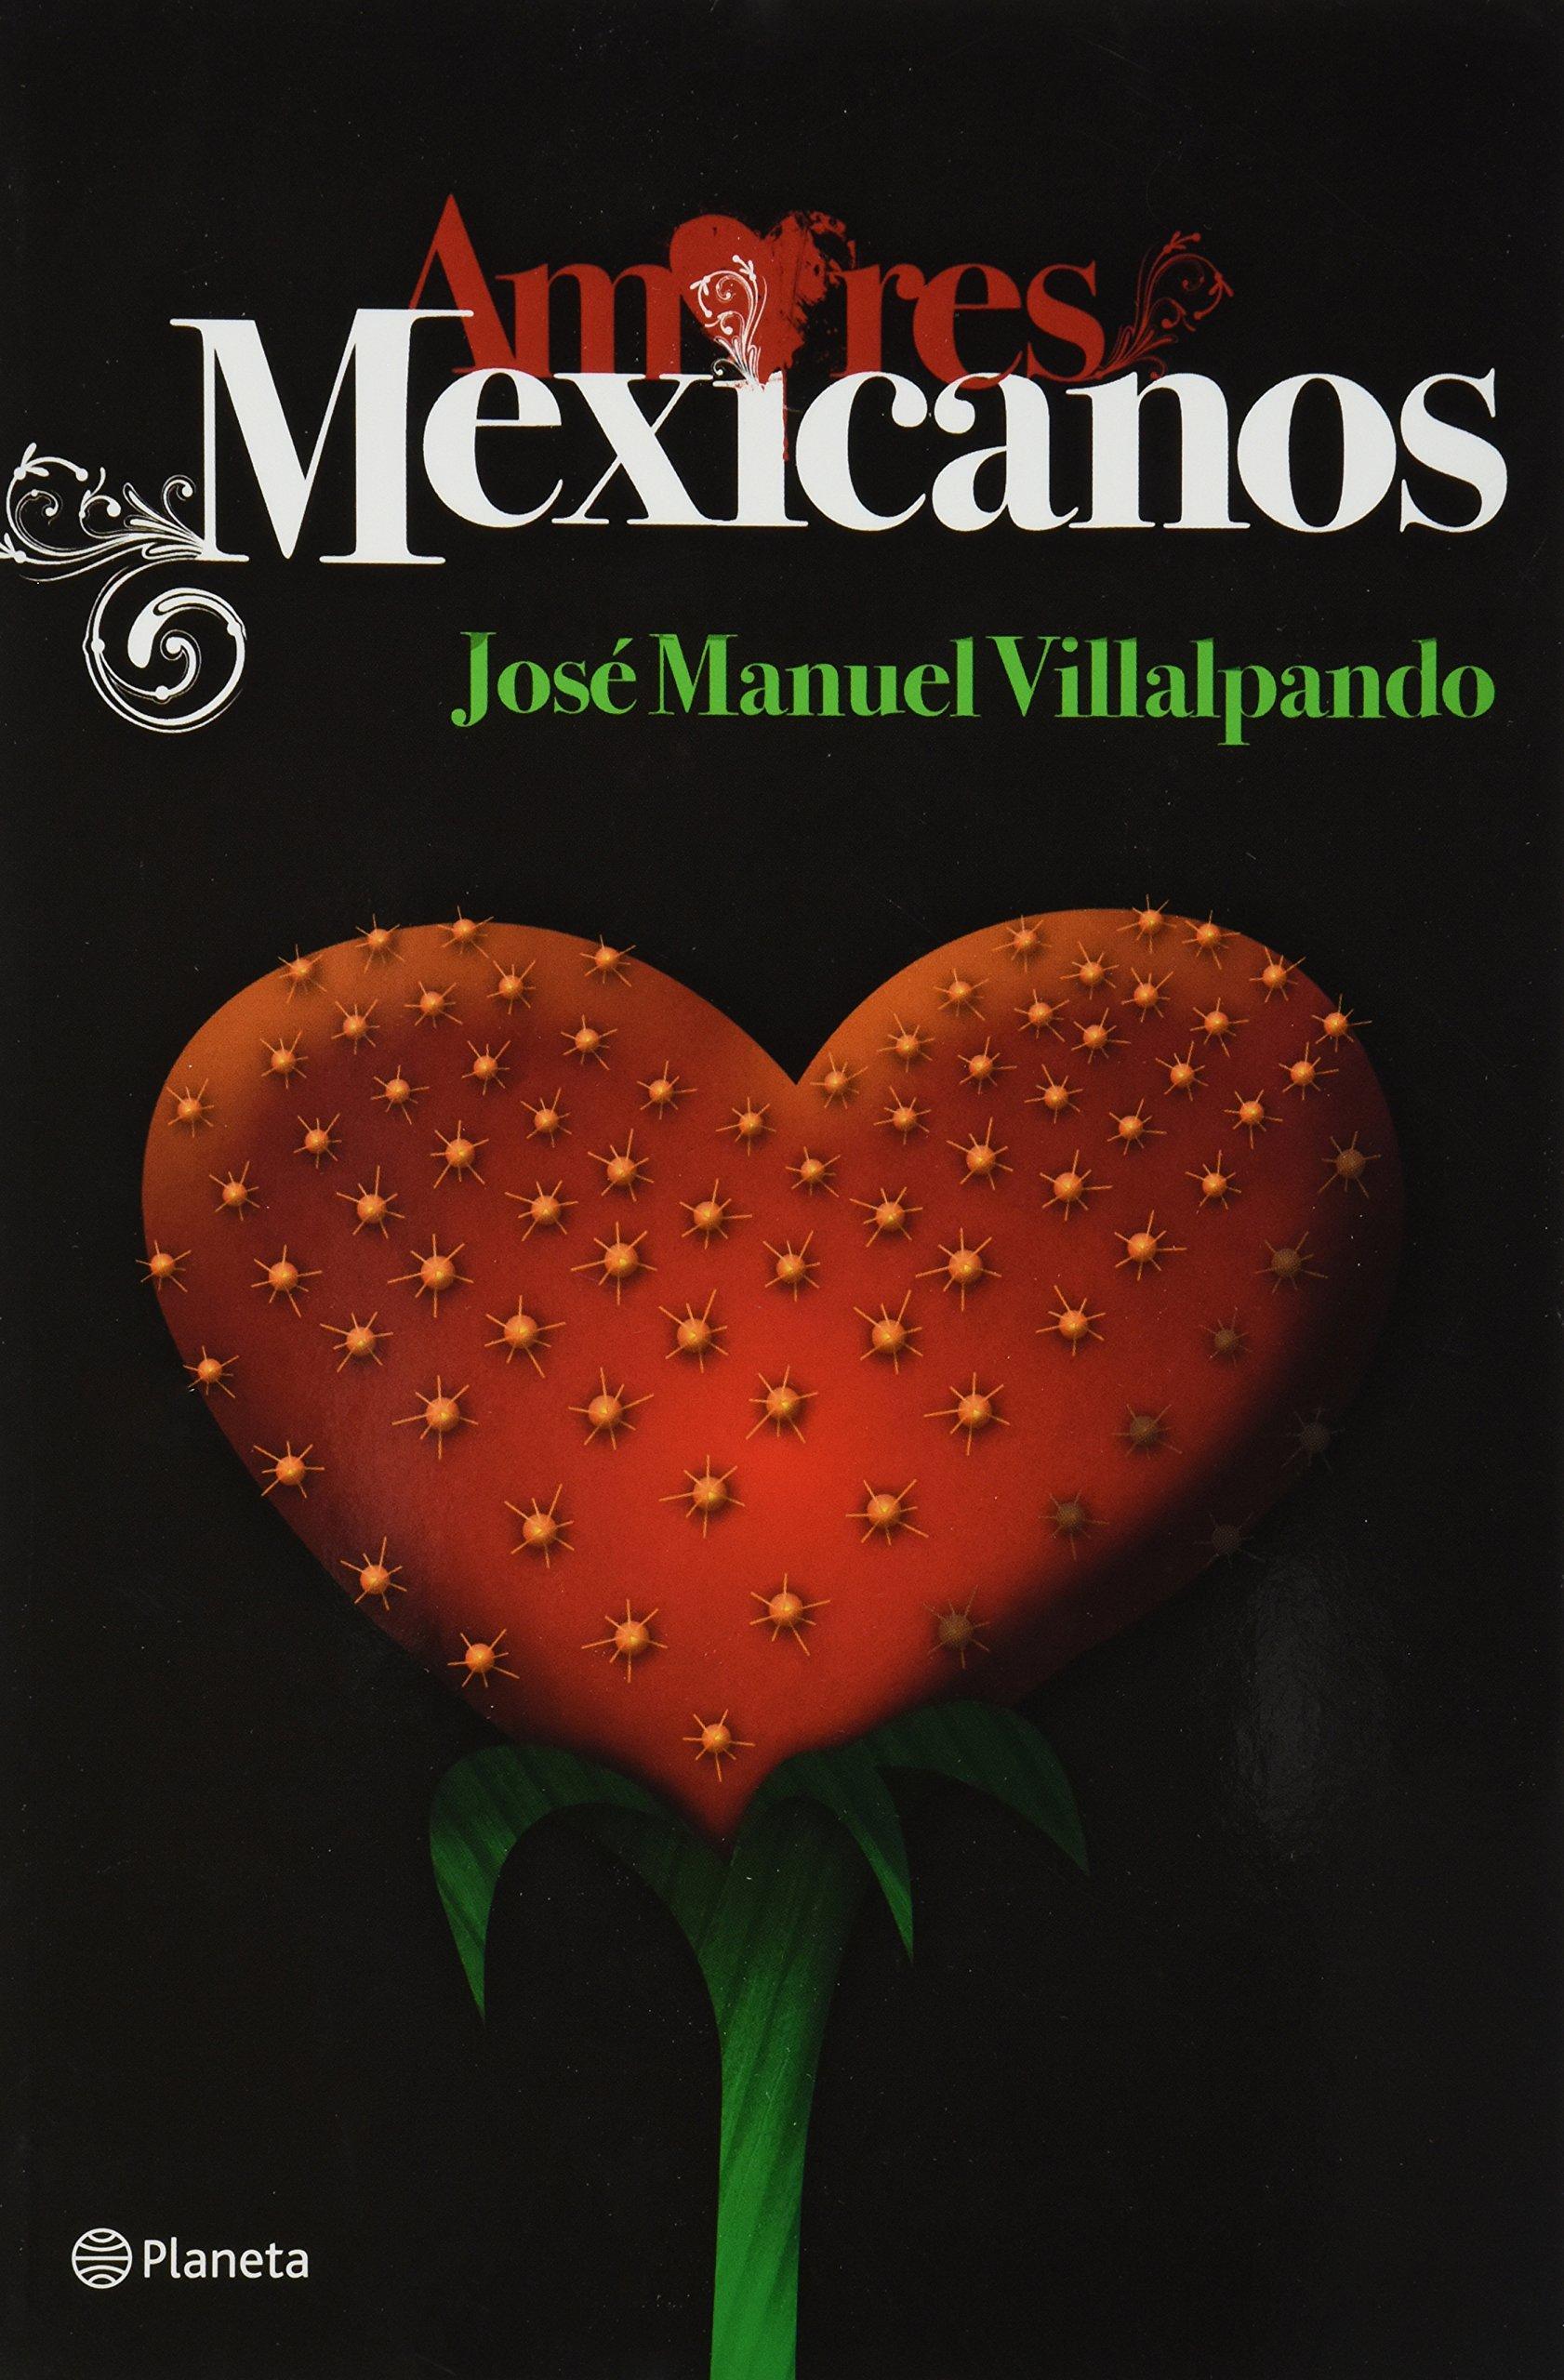 Amores mexicanos (Spanish Edition) ebook